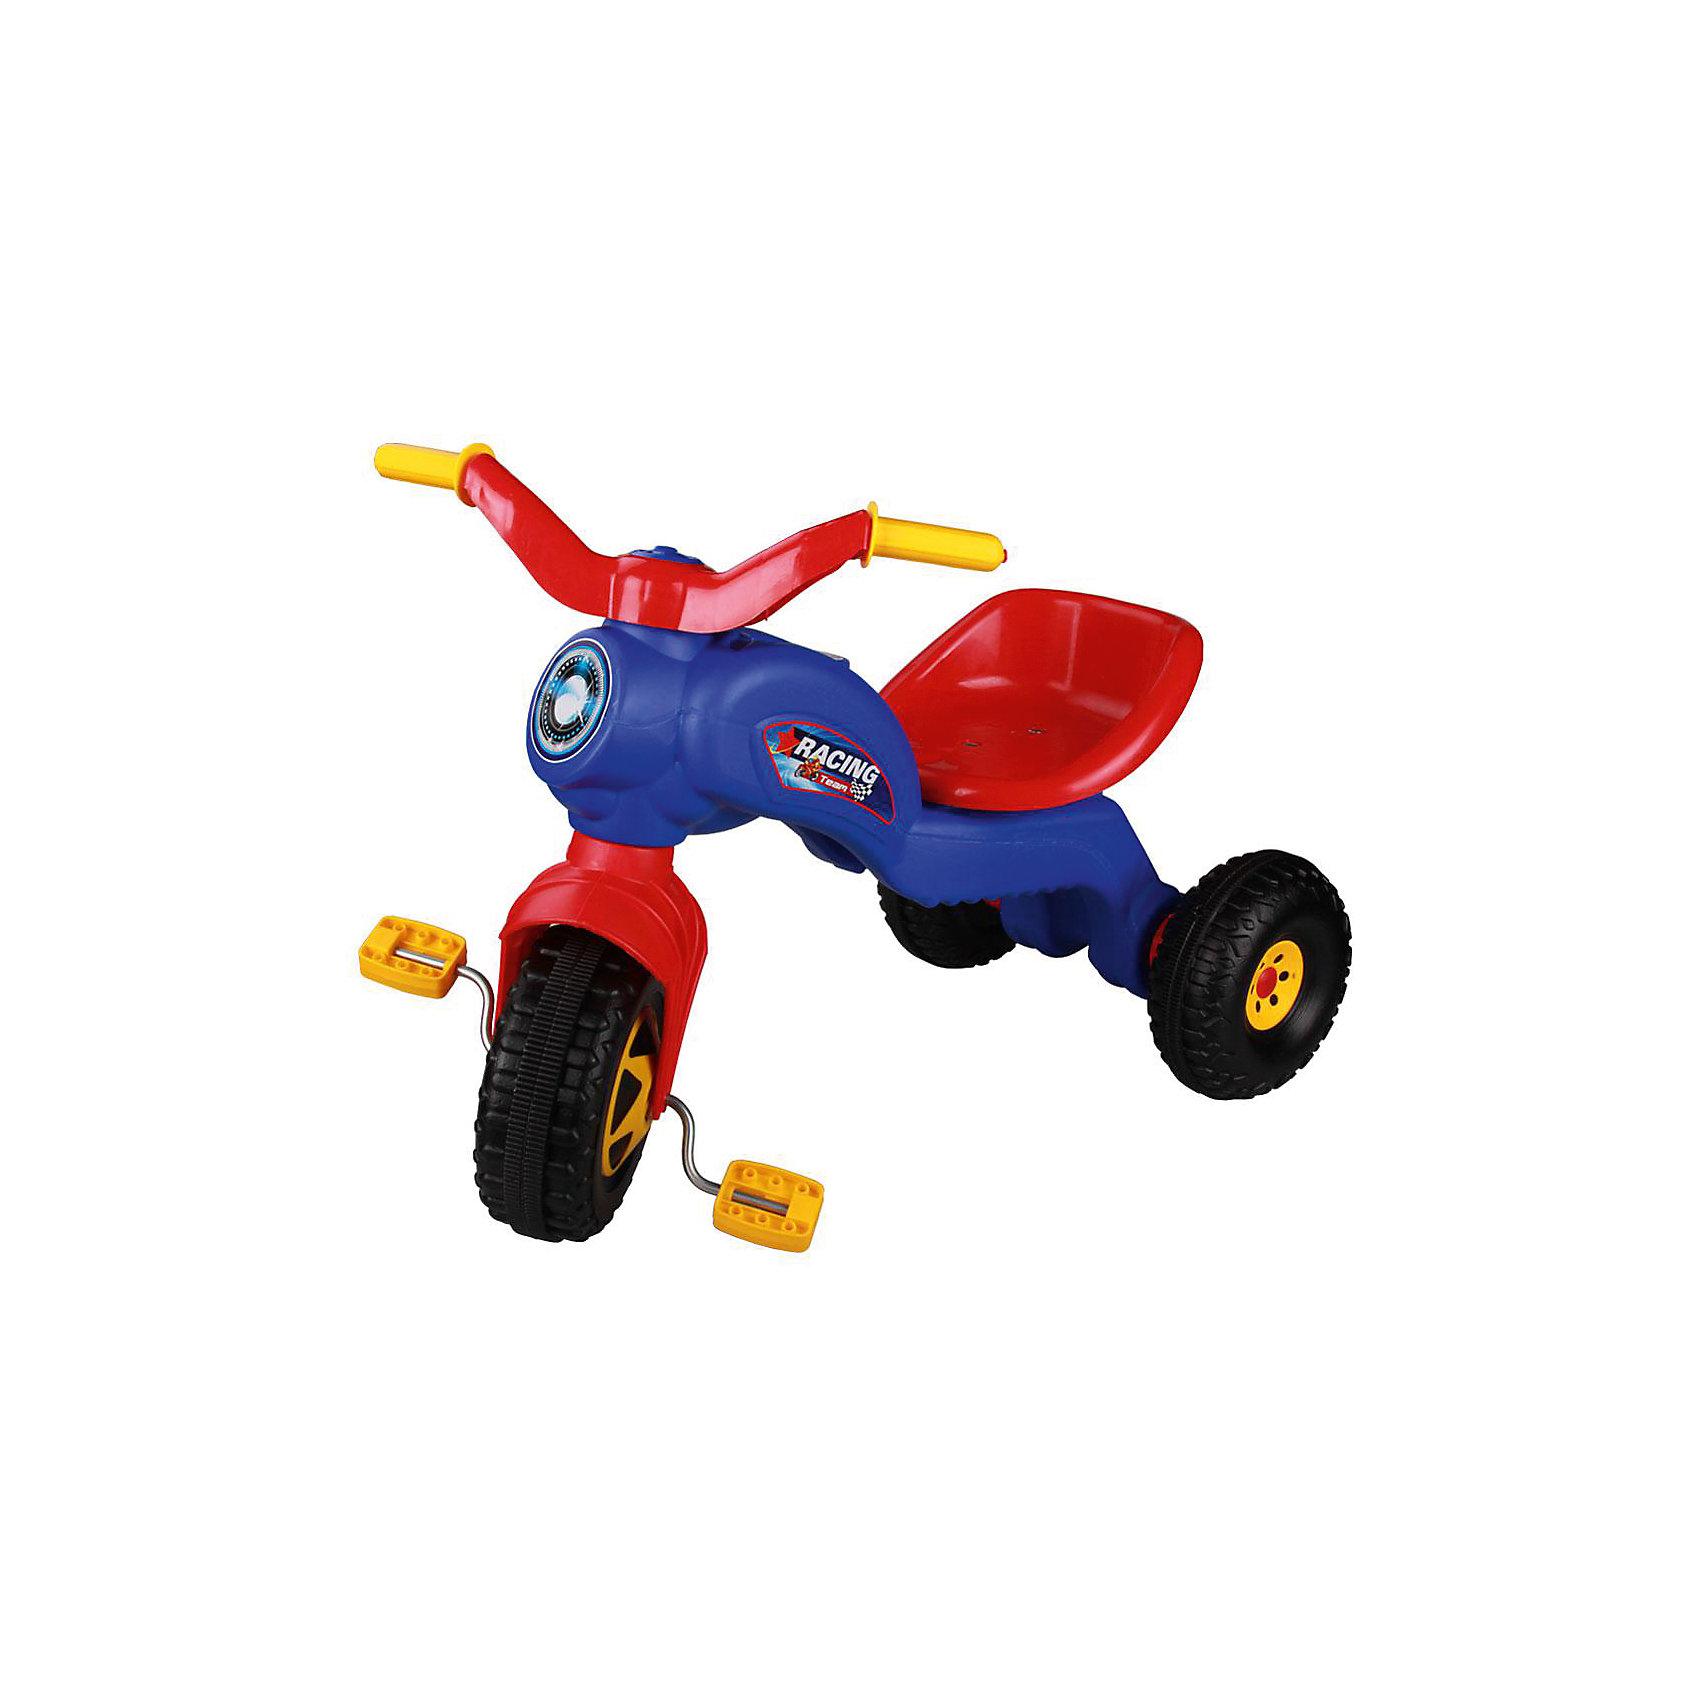 Велосипед трехколесный Чемпион ,  Alternativa, синийТрехколесный велосипед Чемпион отлично подойдет в качестве первого транспорта малыша. Модель имеет удобное сидение и наклейки в виде фары. Велосипед очень компактный, его легко можно взять с собой на прогулку. Приятный дизайн понравится малышу, и он с удовольствием будет учиться кататься!<br><br>Дополнительная информация:<br>Цвет: синий<br>Размеры: 69х39,7х49,5 см<br>Материал: пластик, металл<br><br>Трехколесный велосипед Чемпион можно купить в нашем интернет-магазине.<br><br>Ширина мм: 690<br>Глубина мм: 397<br>Высота мм: 495<br>Вес г: 2044<br>Возраст от месяцев: 36<br>Возраст до месяцев: 144<br>Пол: Унисекс<br>Возраст: Детский<br>SKU: 4979681